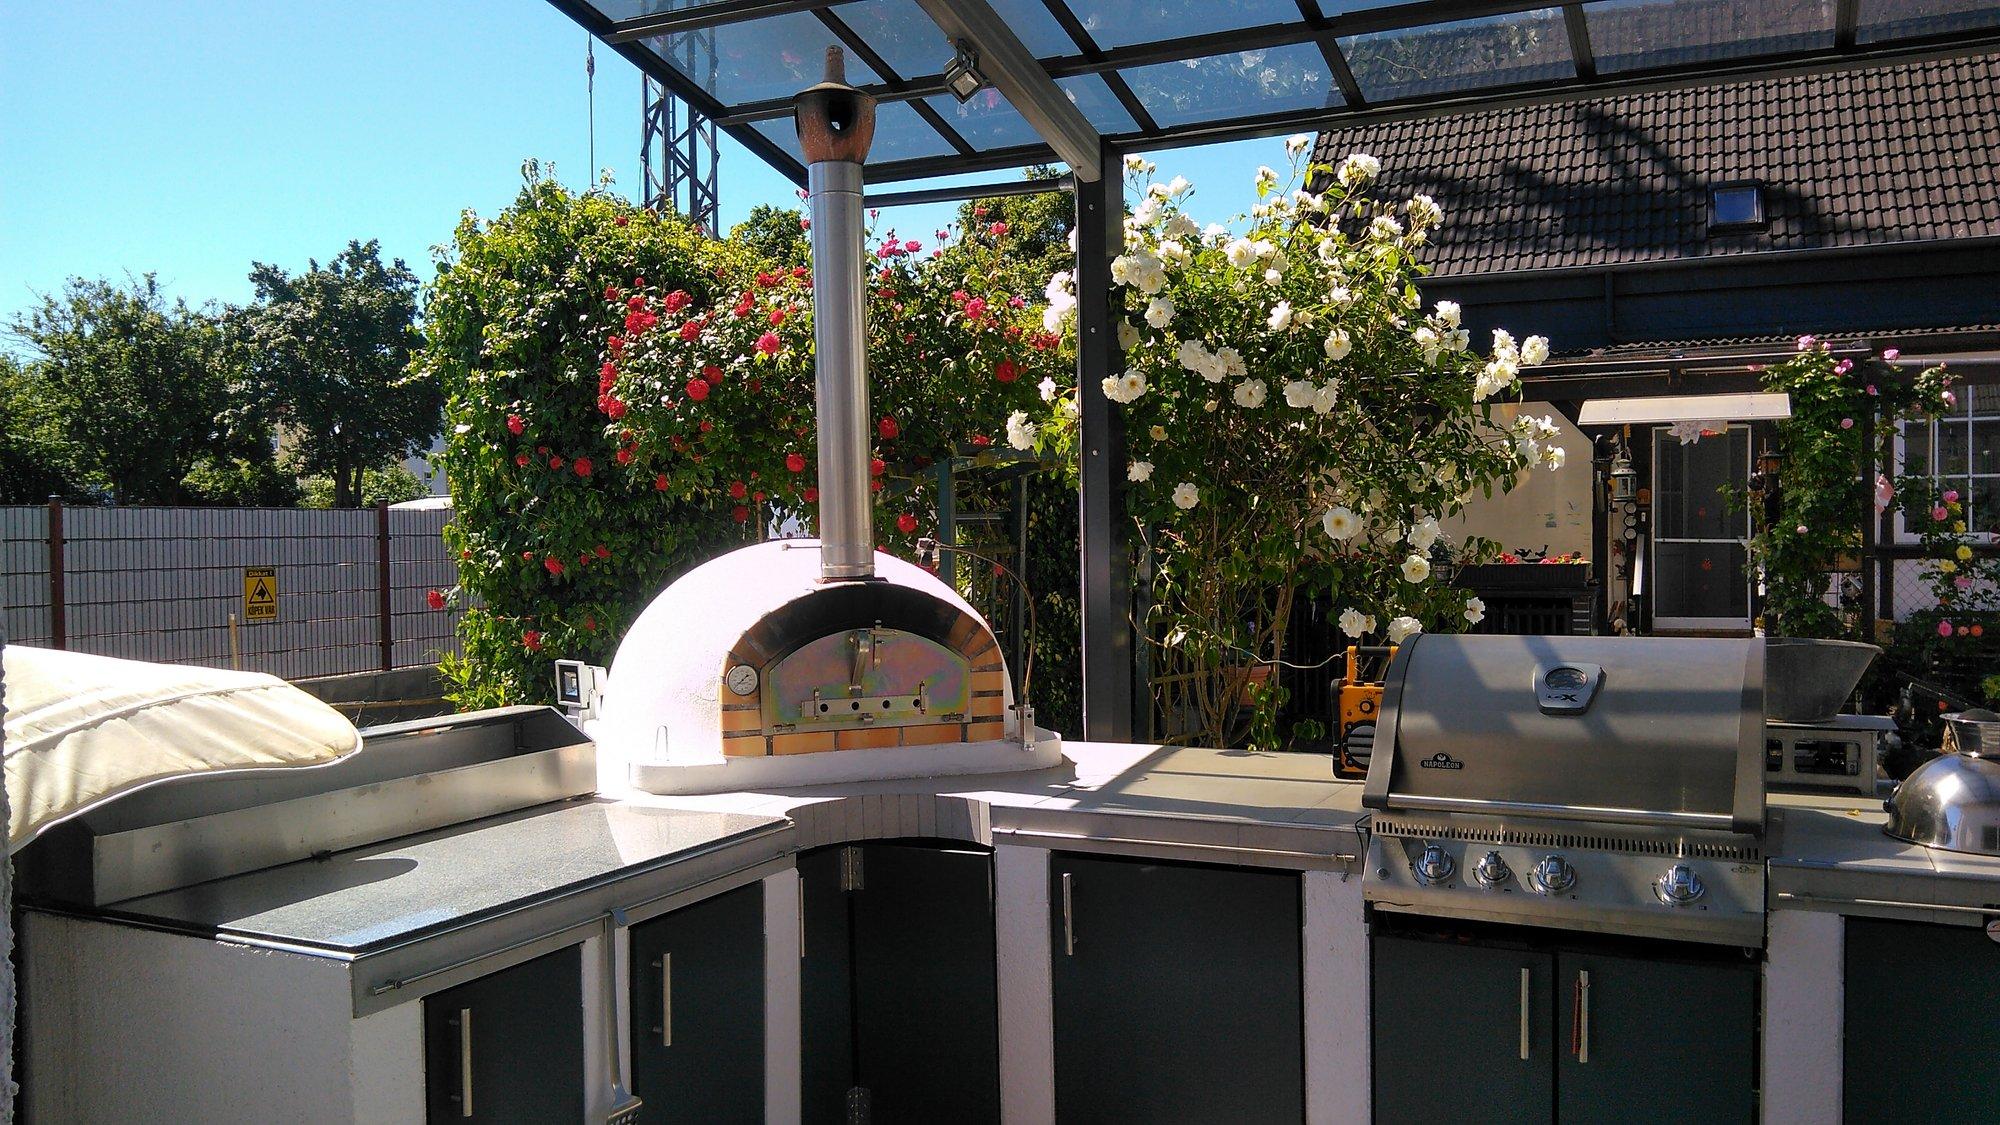 Outdoorküche Bausatz Forum : Nach dem hausbau fange ich mal an mir eine outdoorküche zu bauen